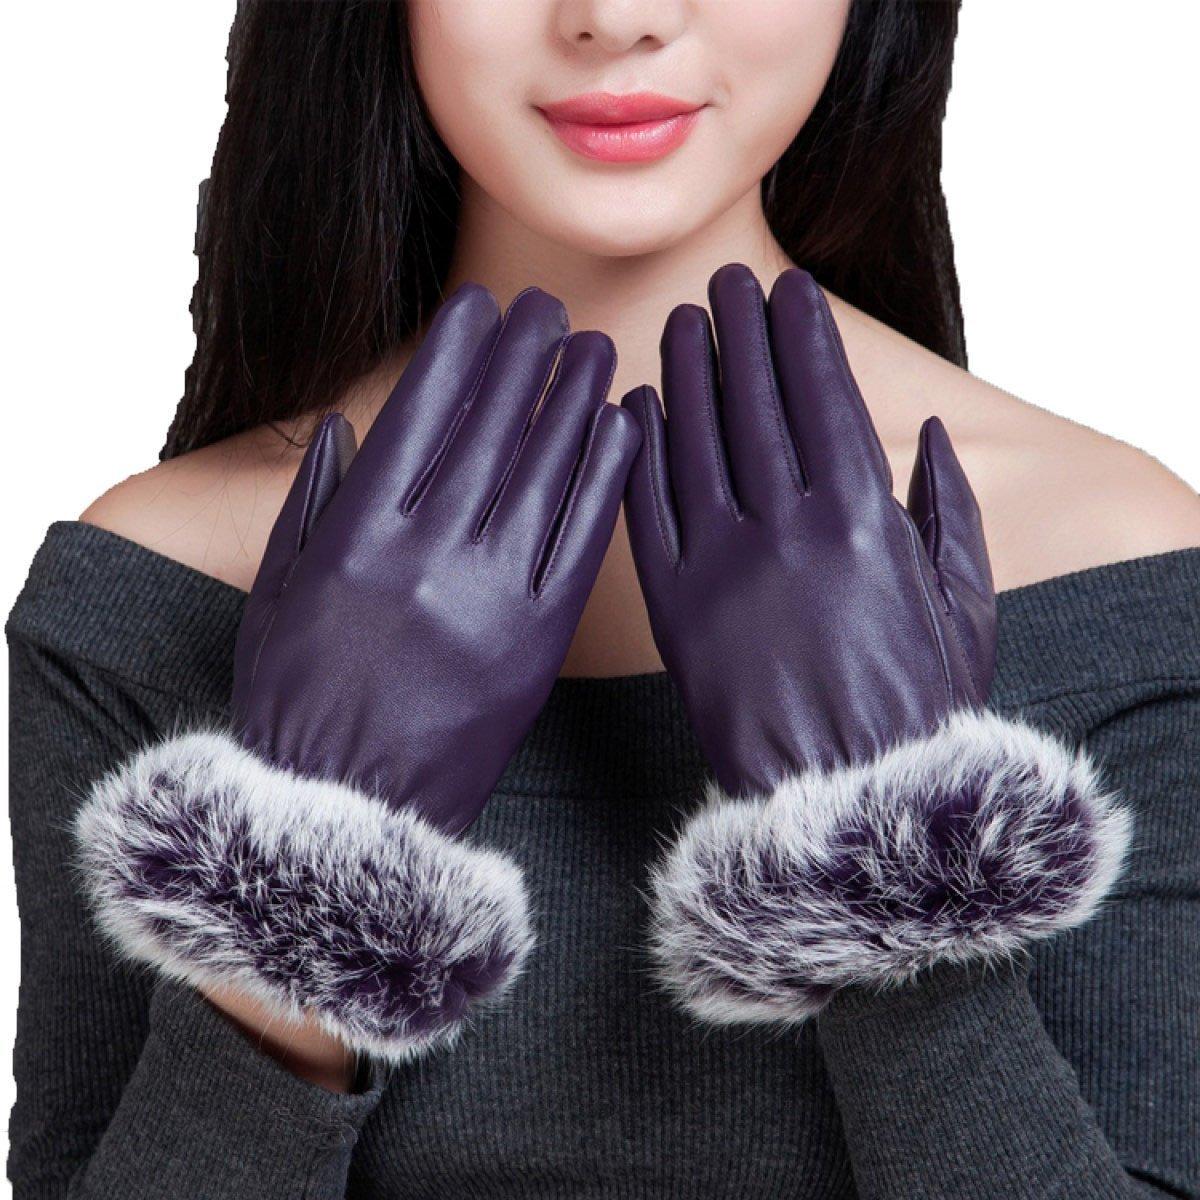 GBT Gants en Cuir épais de Femmes d'hiver Écran Tactile Réchauffement Chaud de Brise-Vent